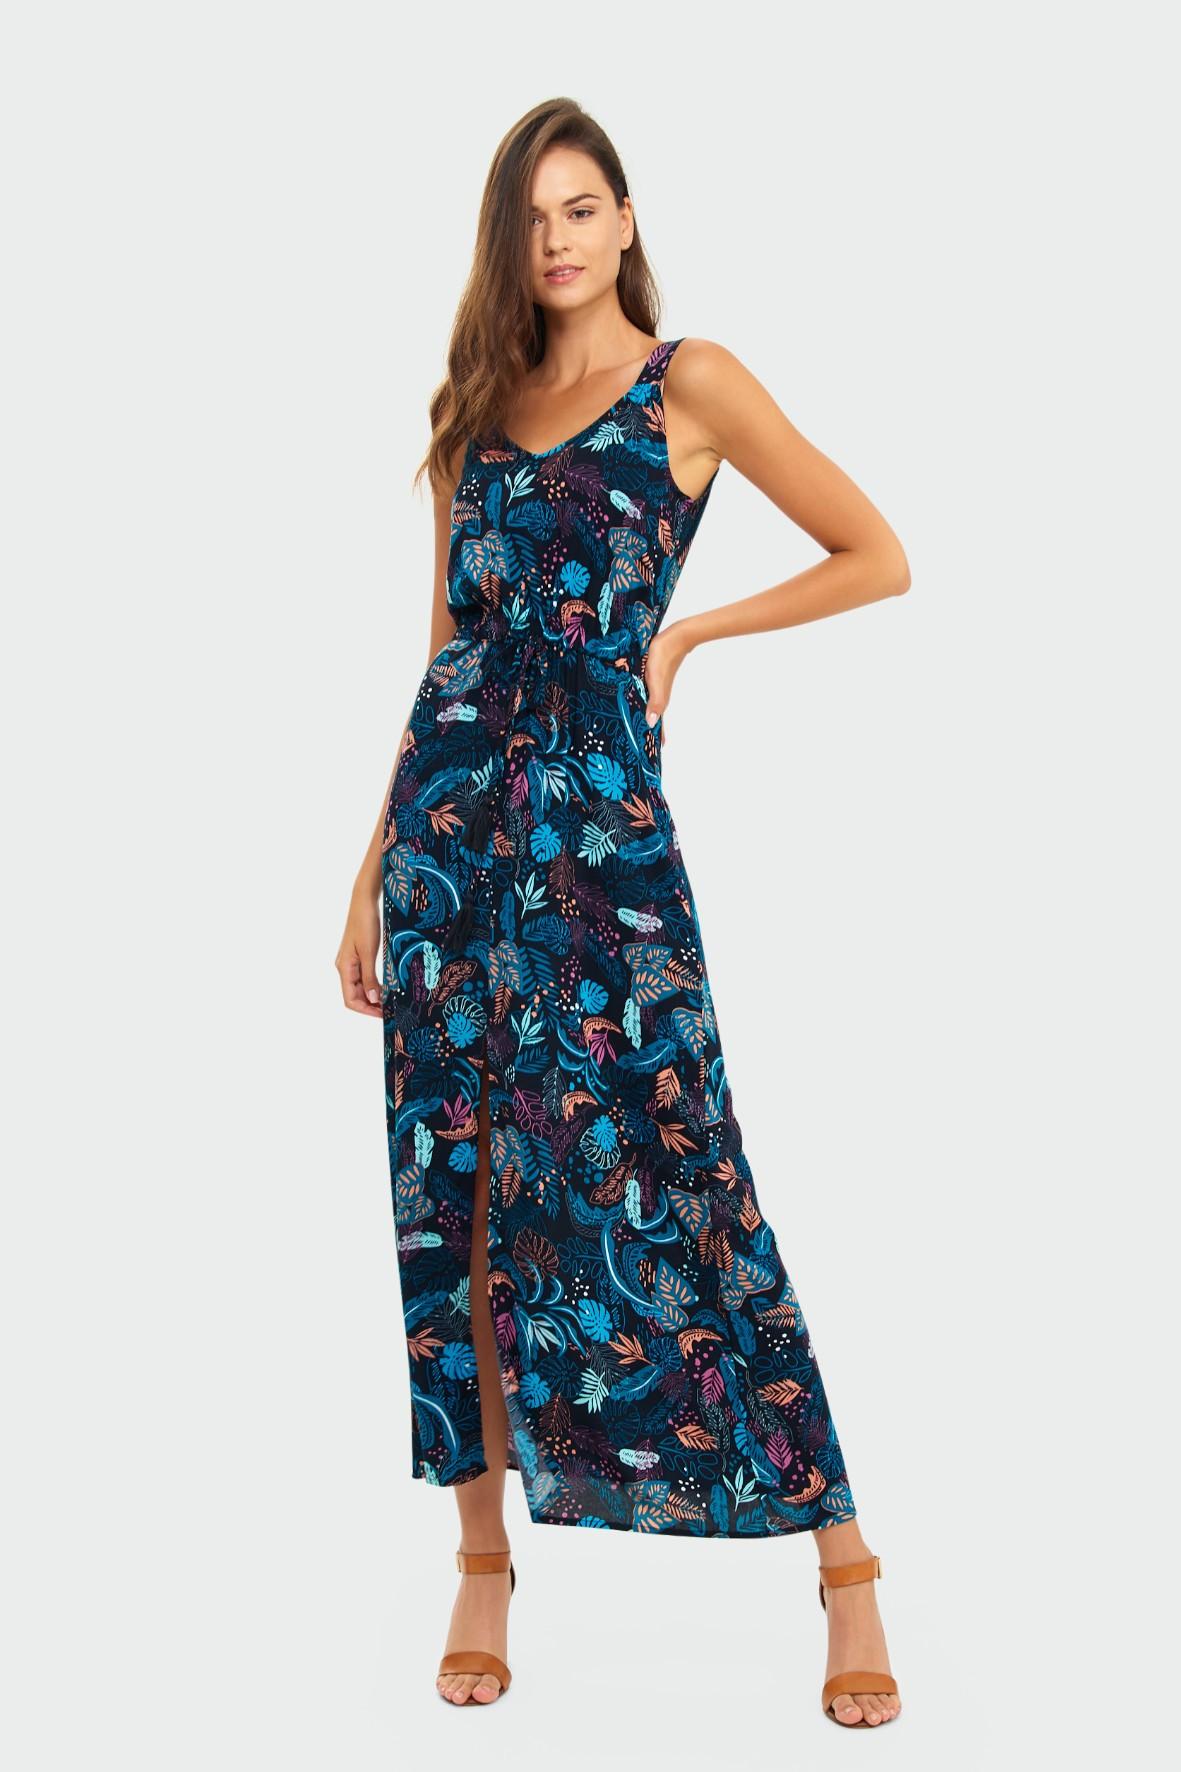 Granatowa długa wiskozowa sukienka z roślinnym nadrukiem